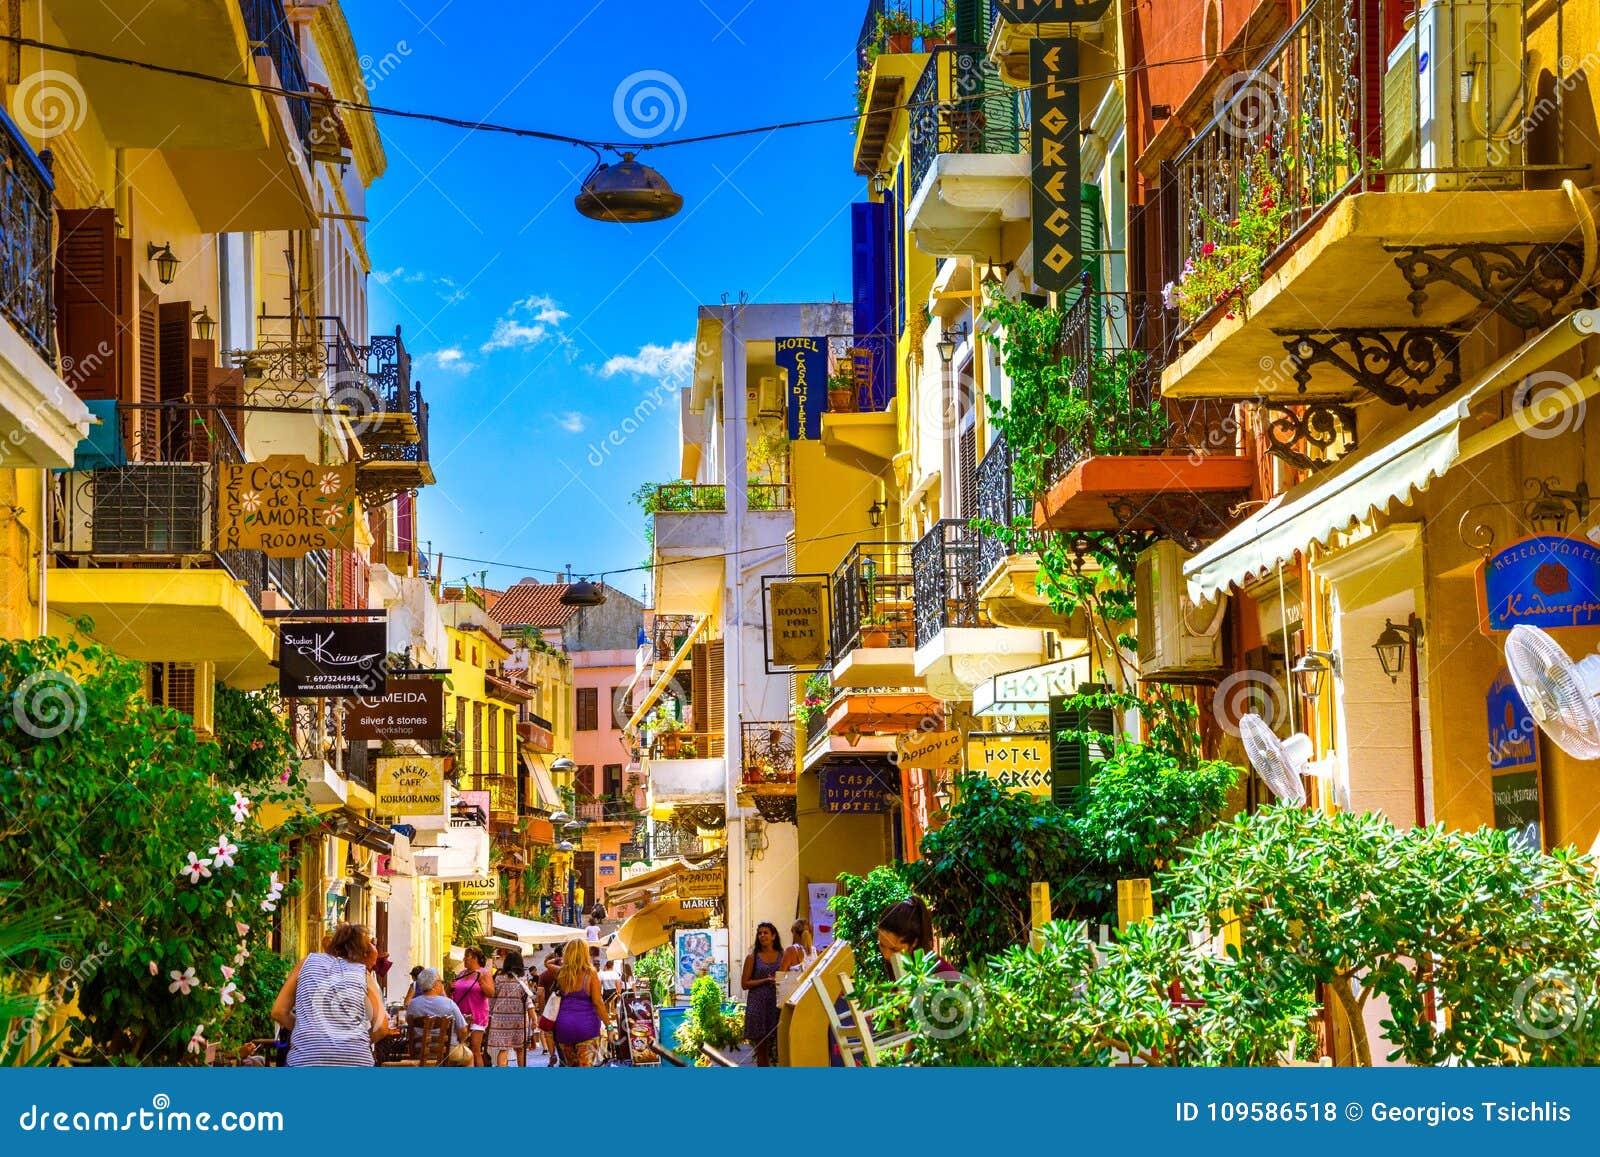 Grecia y sus islas, contadme algo, venga Rua-na-cidade-velha-de-chania-creta-gr%C3%A9cia-109586518